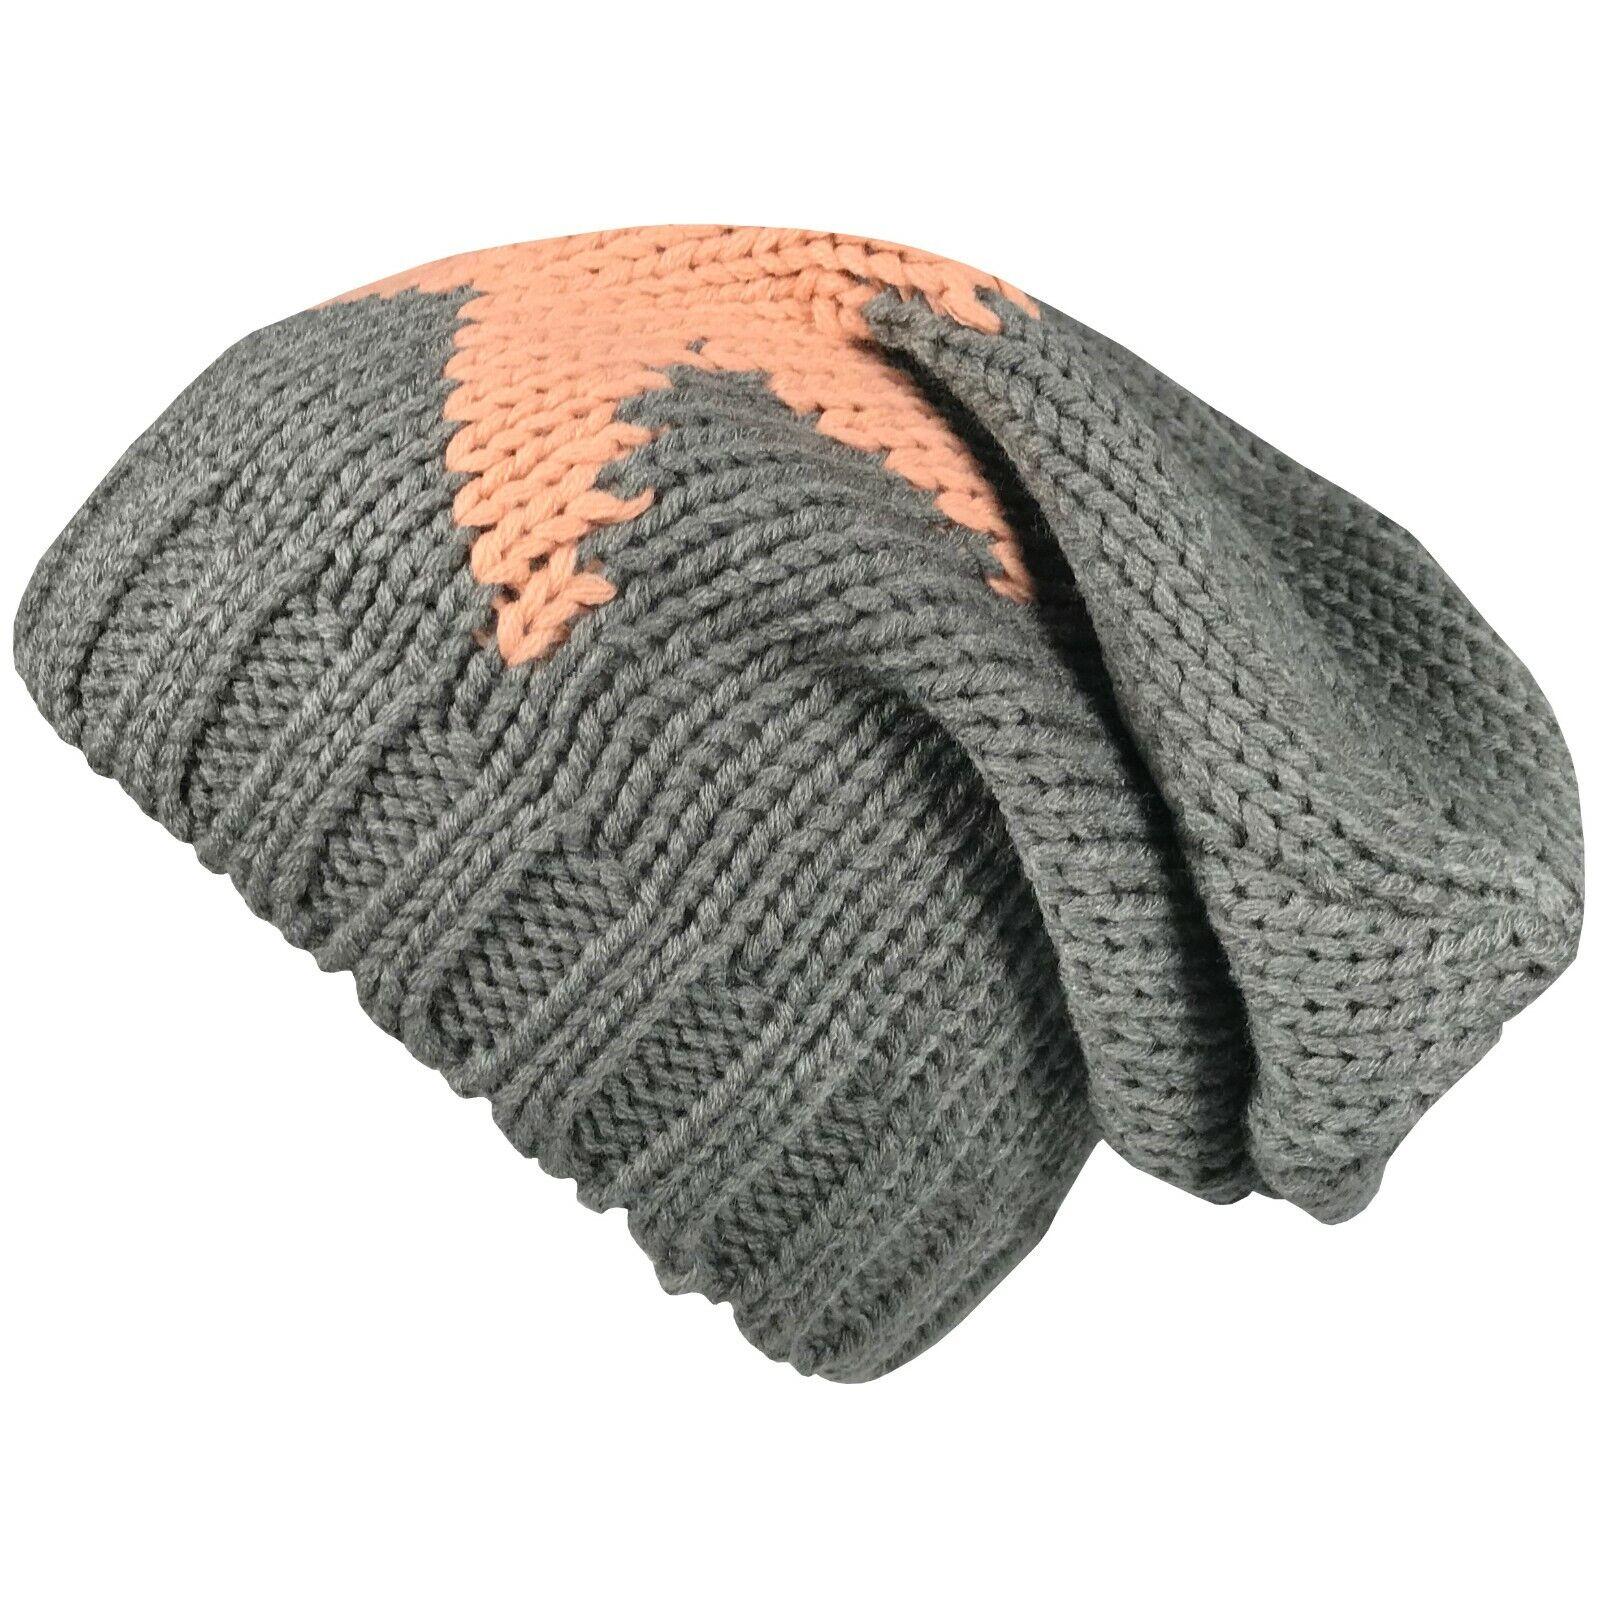 Strickmütze Herren Damen Cap Wintermütze Wollmütze Mütze Beanie Slouch Skimütze